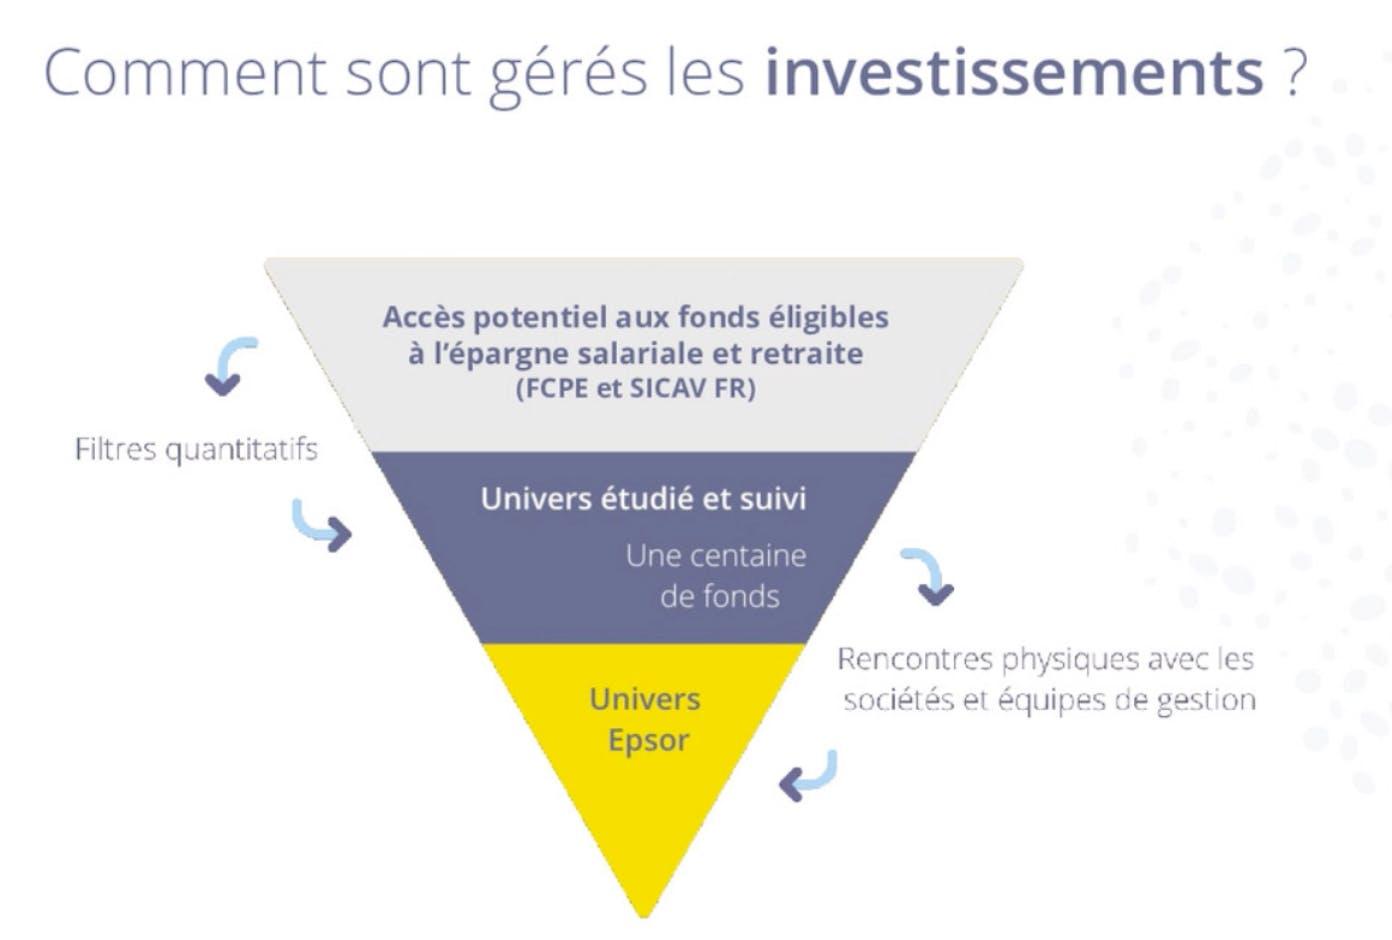 Comment sont gérés les investissements chez Epsor ?